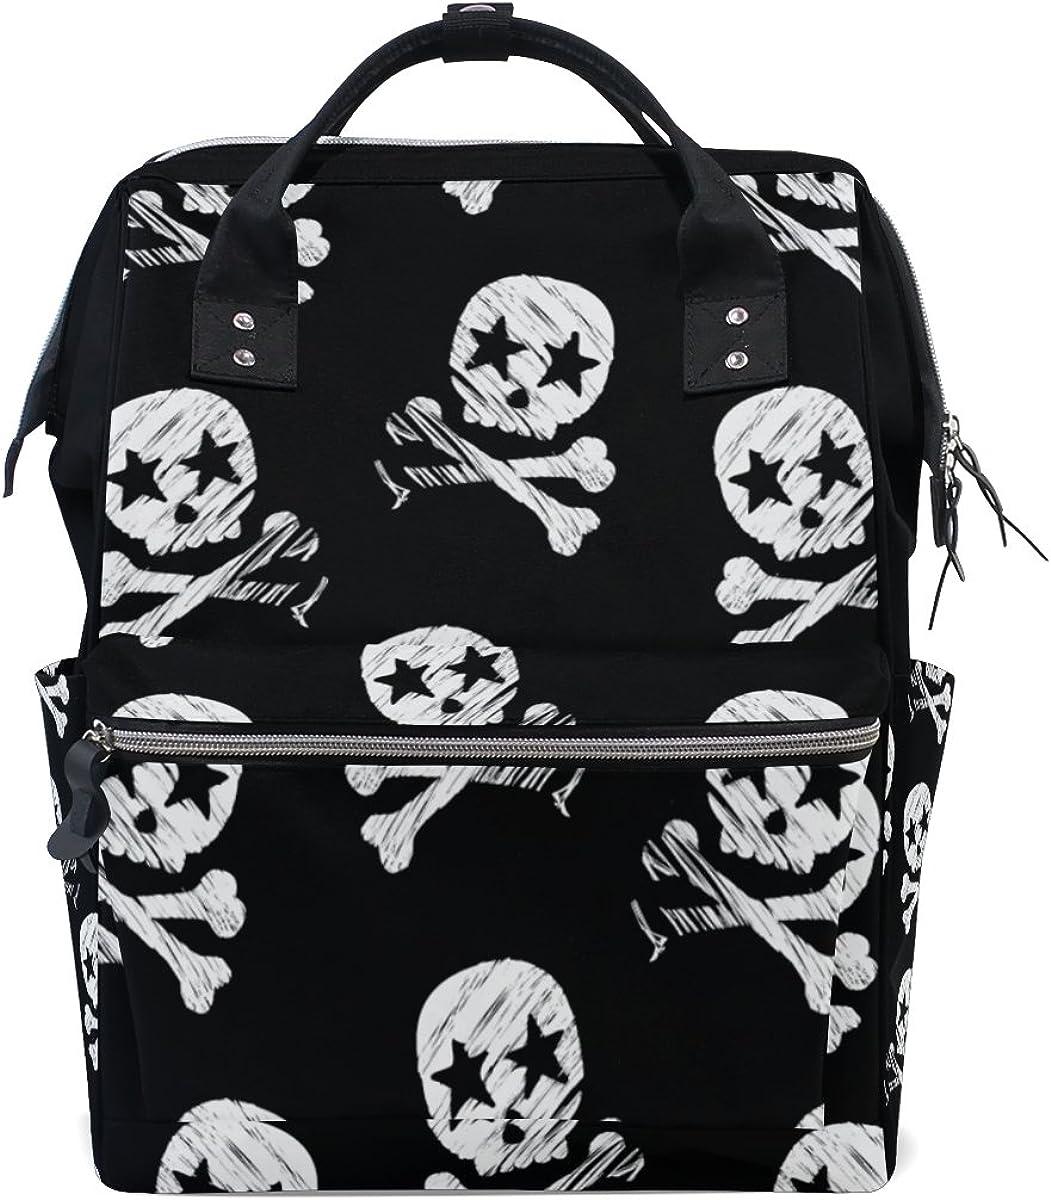 My Little Nest Large Capacity Baby Diaper Bag Star Skull Print Durable Multi Function Travel Backpack for Mom Girls